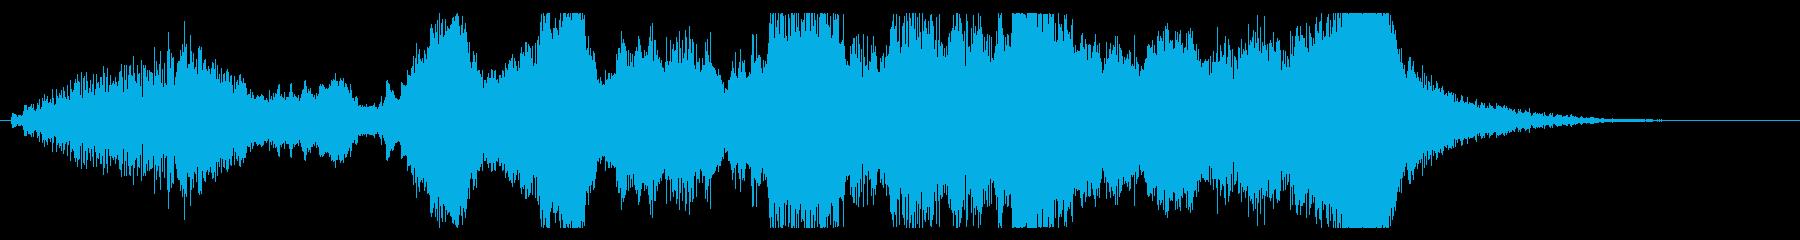 壮大な祝典風ファンファーレの再生済みの波形